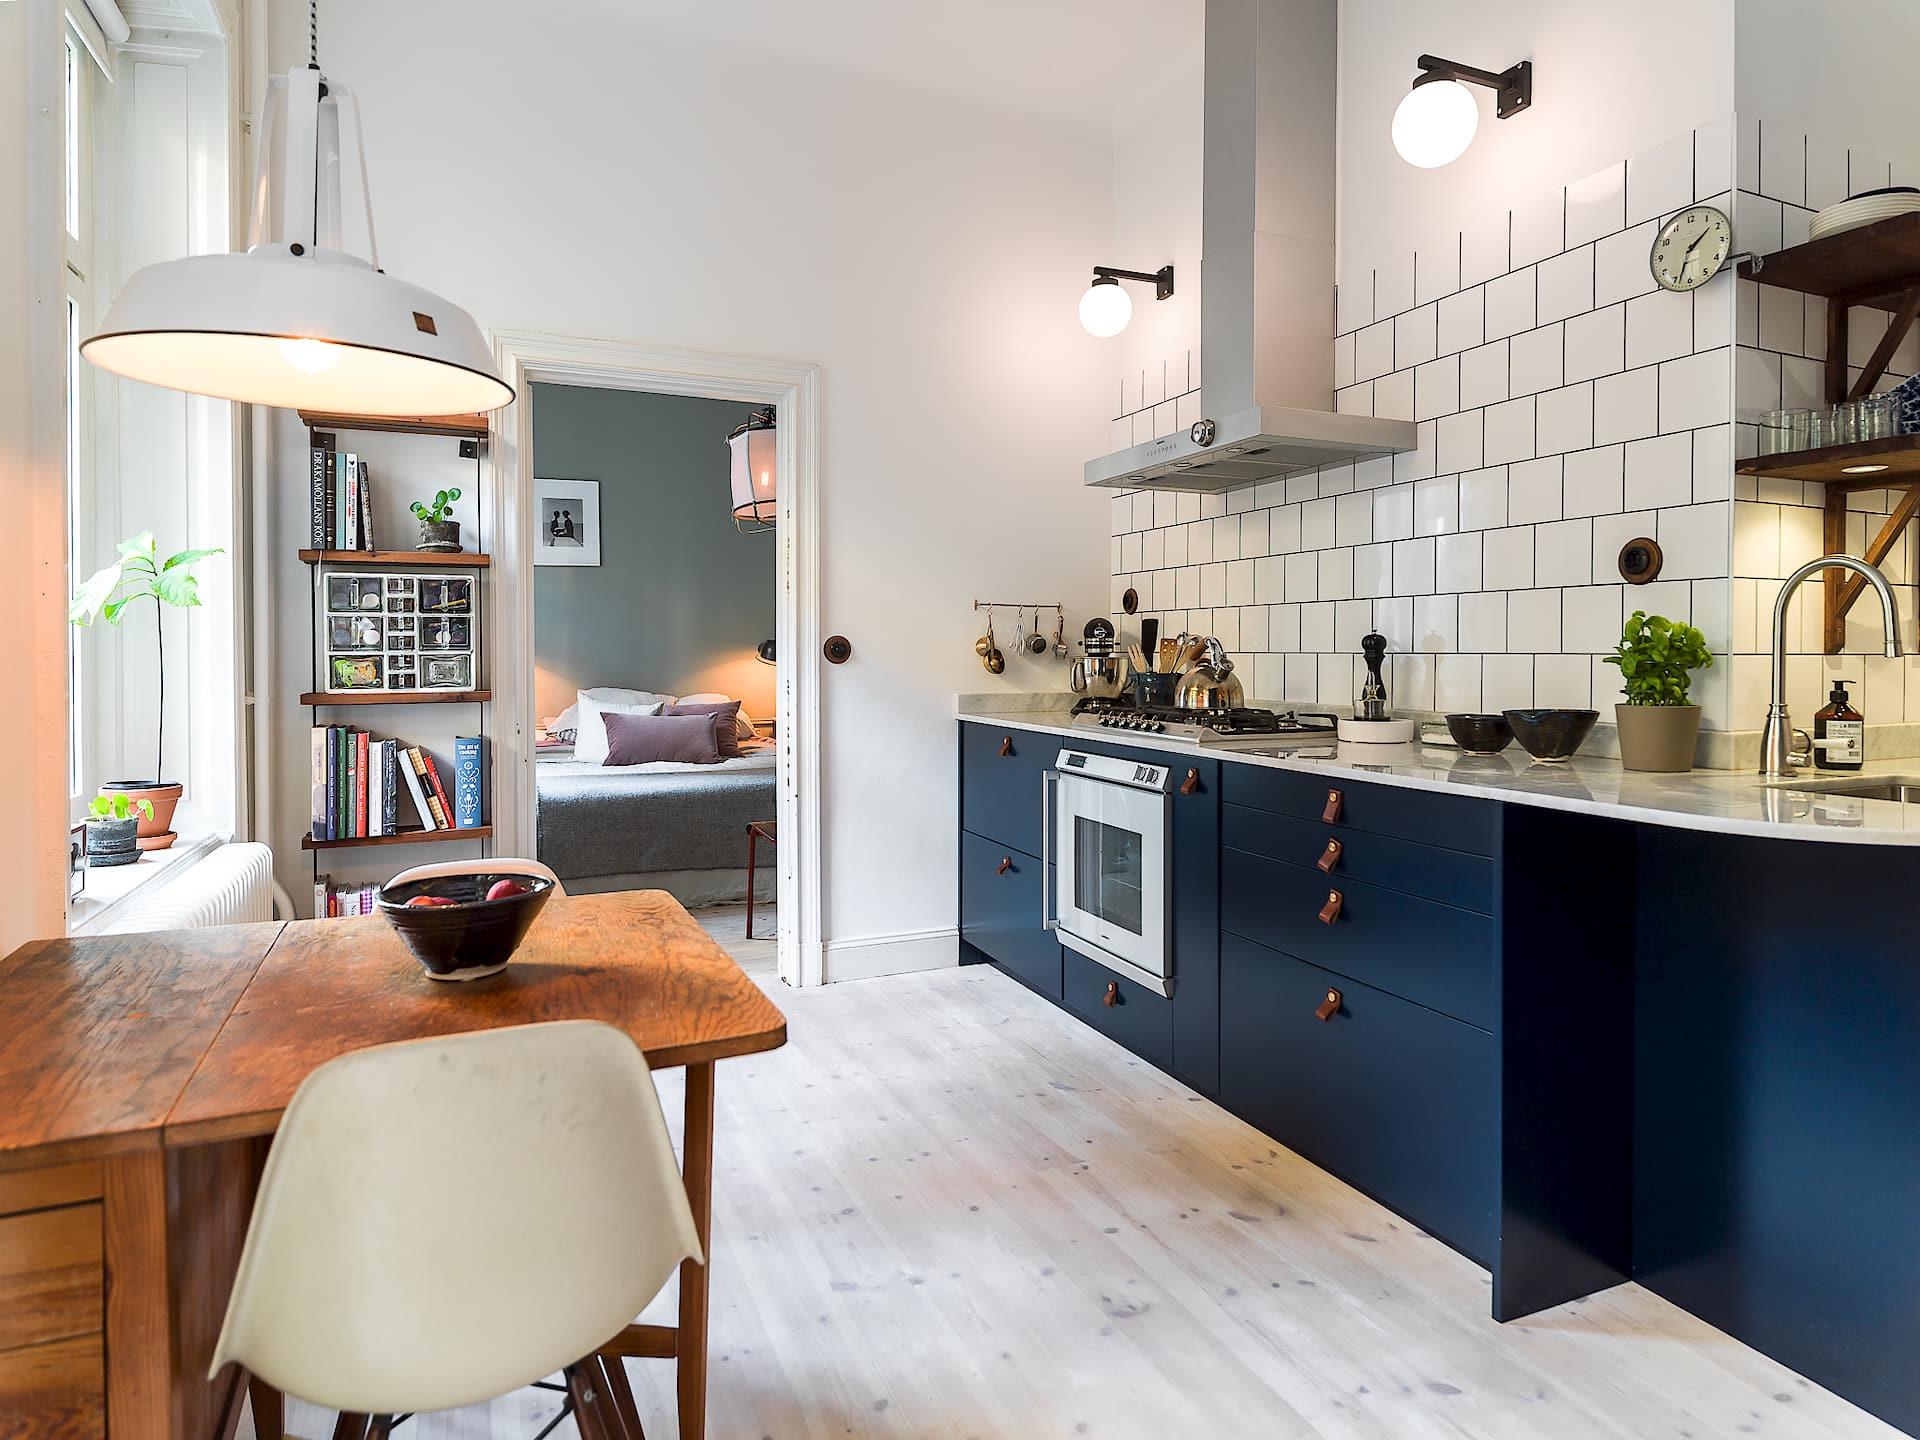 кухня деревянный сосновый пол кухонная техника